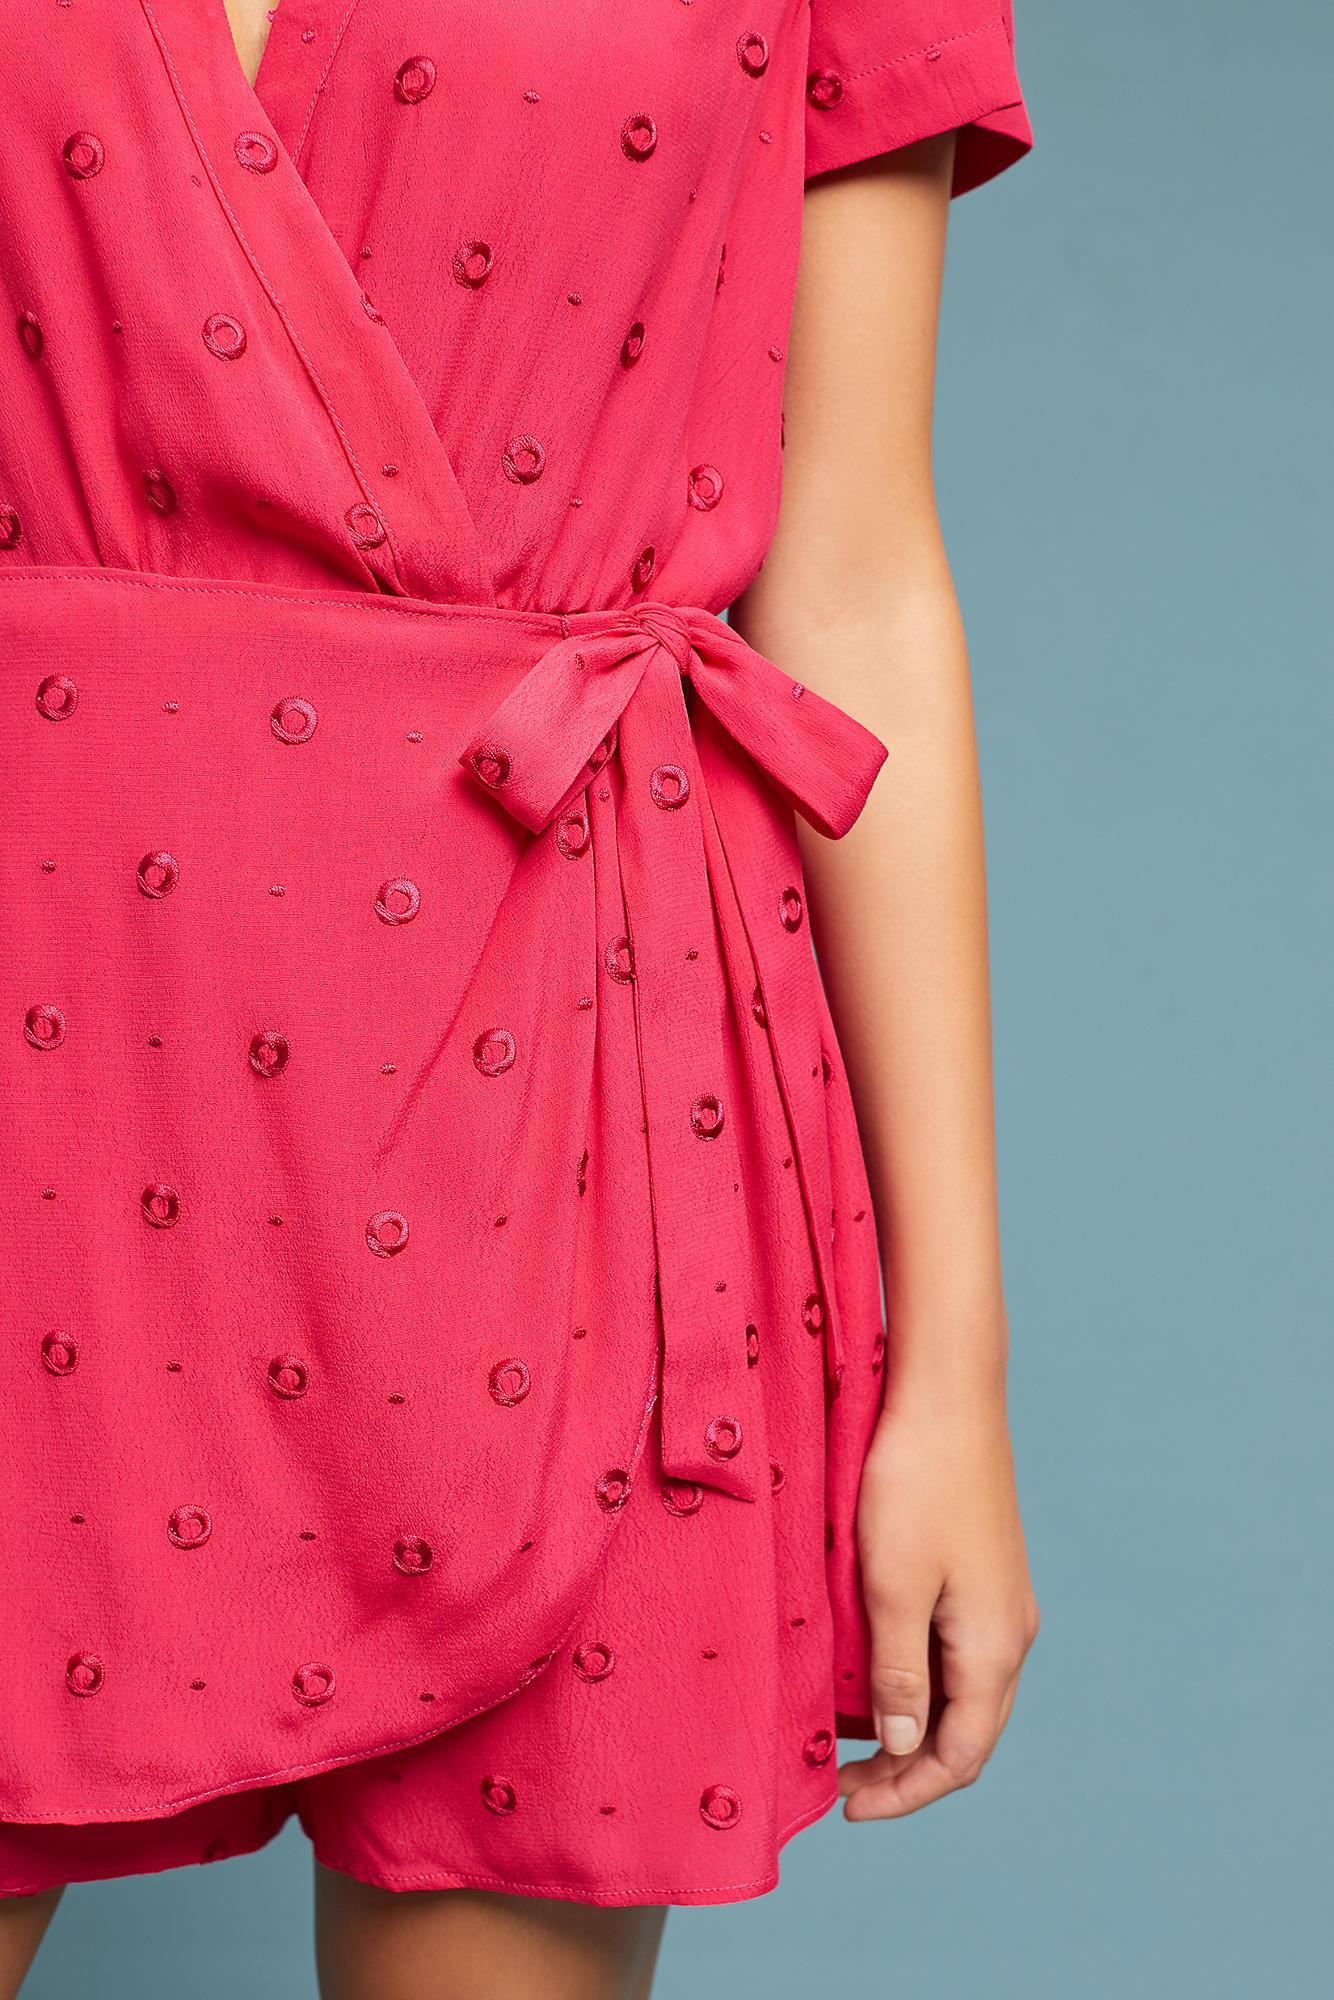 bf1eb96f0c0f Ett:twa Greenbrier Embroidered Romper in Pink - Lyst